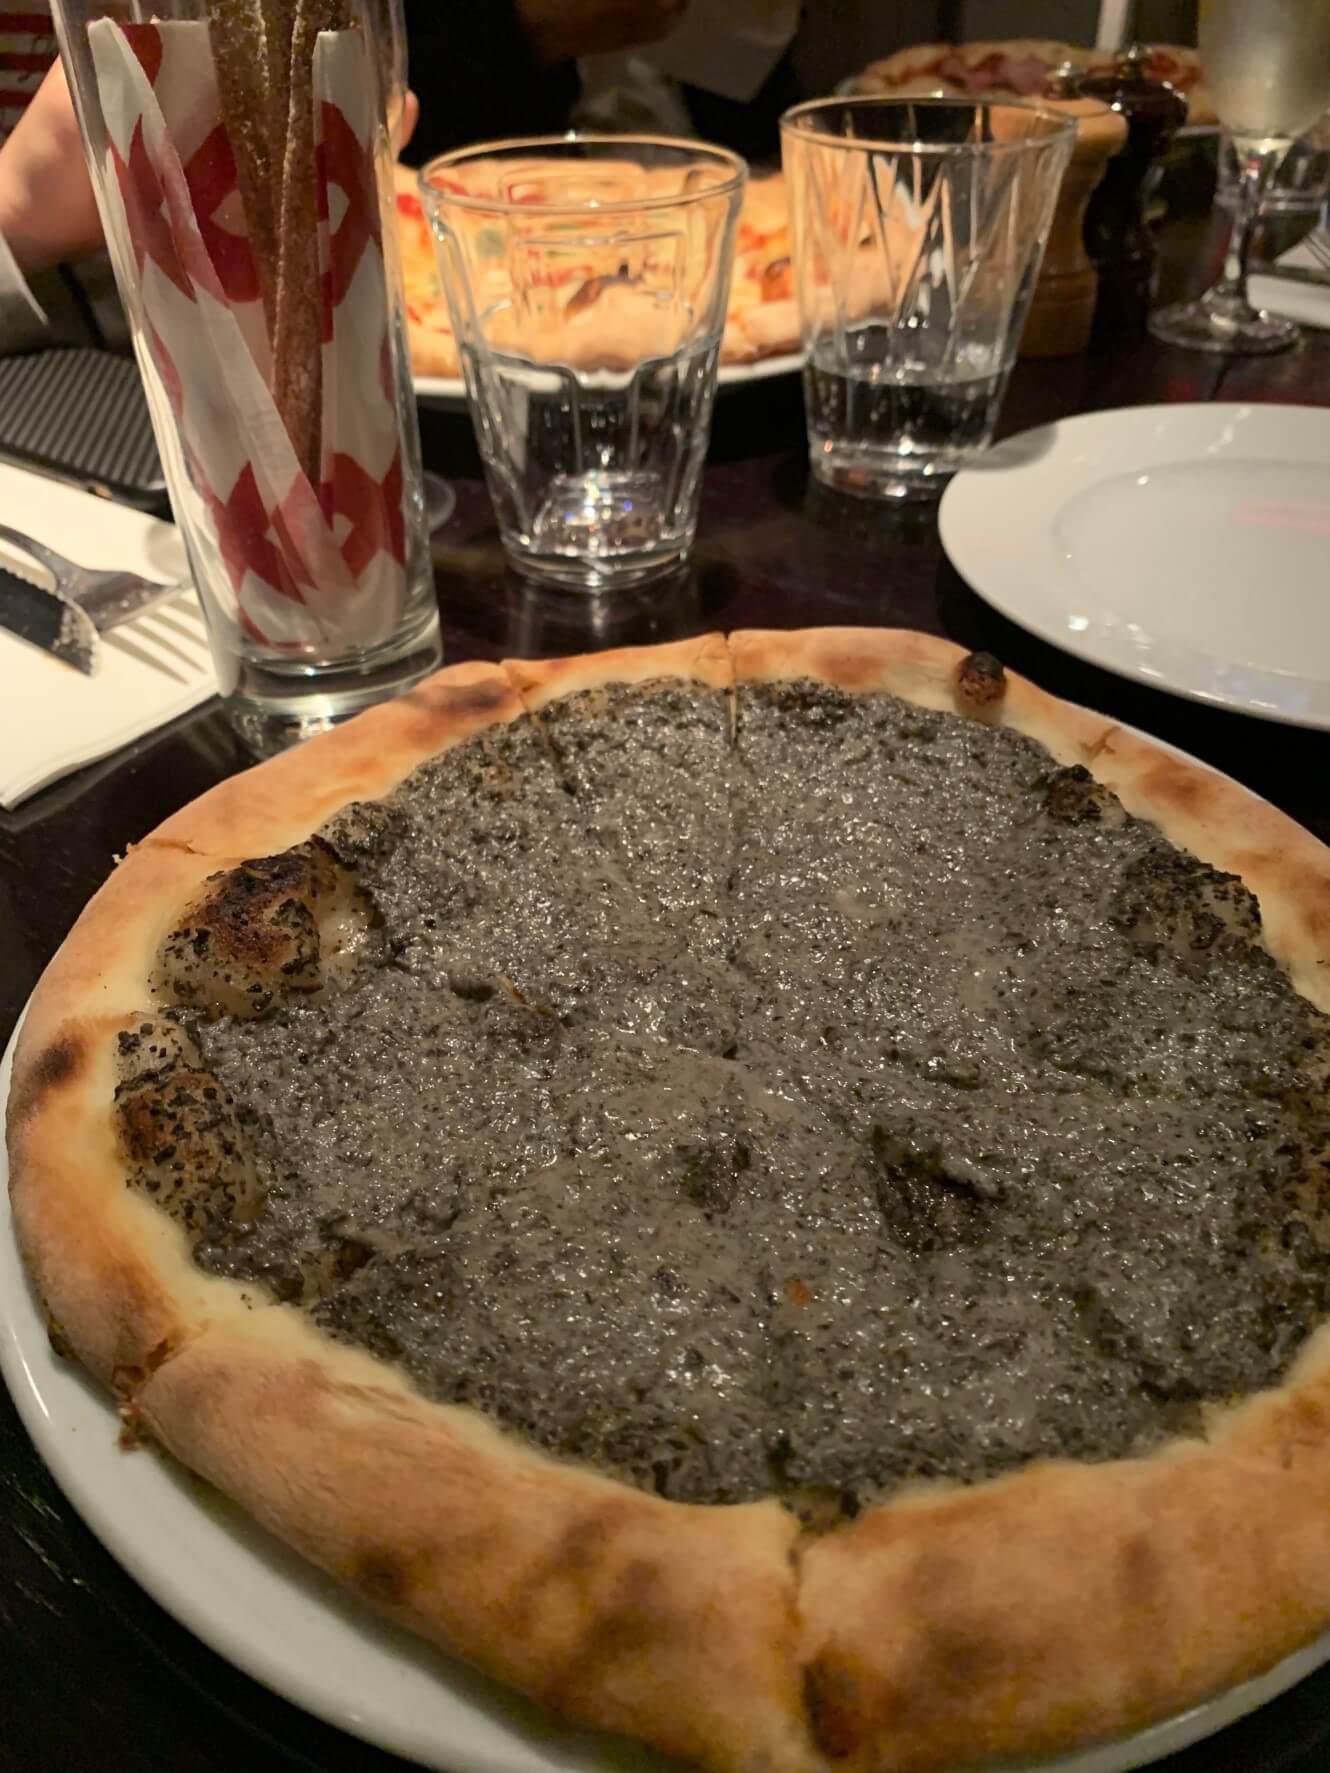 滞仏日記「二コラとマノンと息子とぼくとそこそこ美味しいピザを食べに行く」